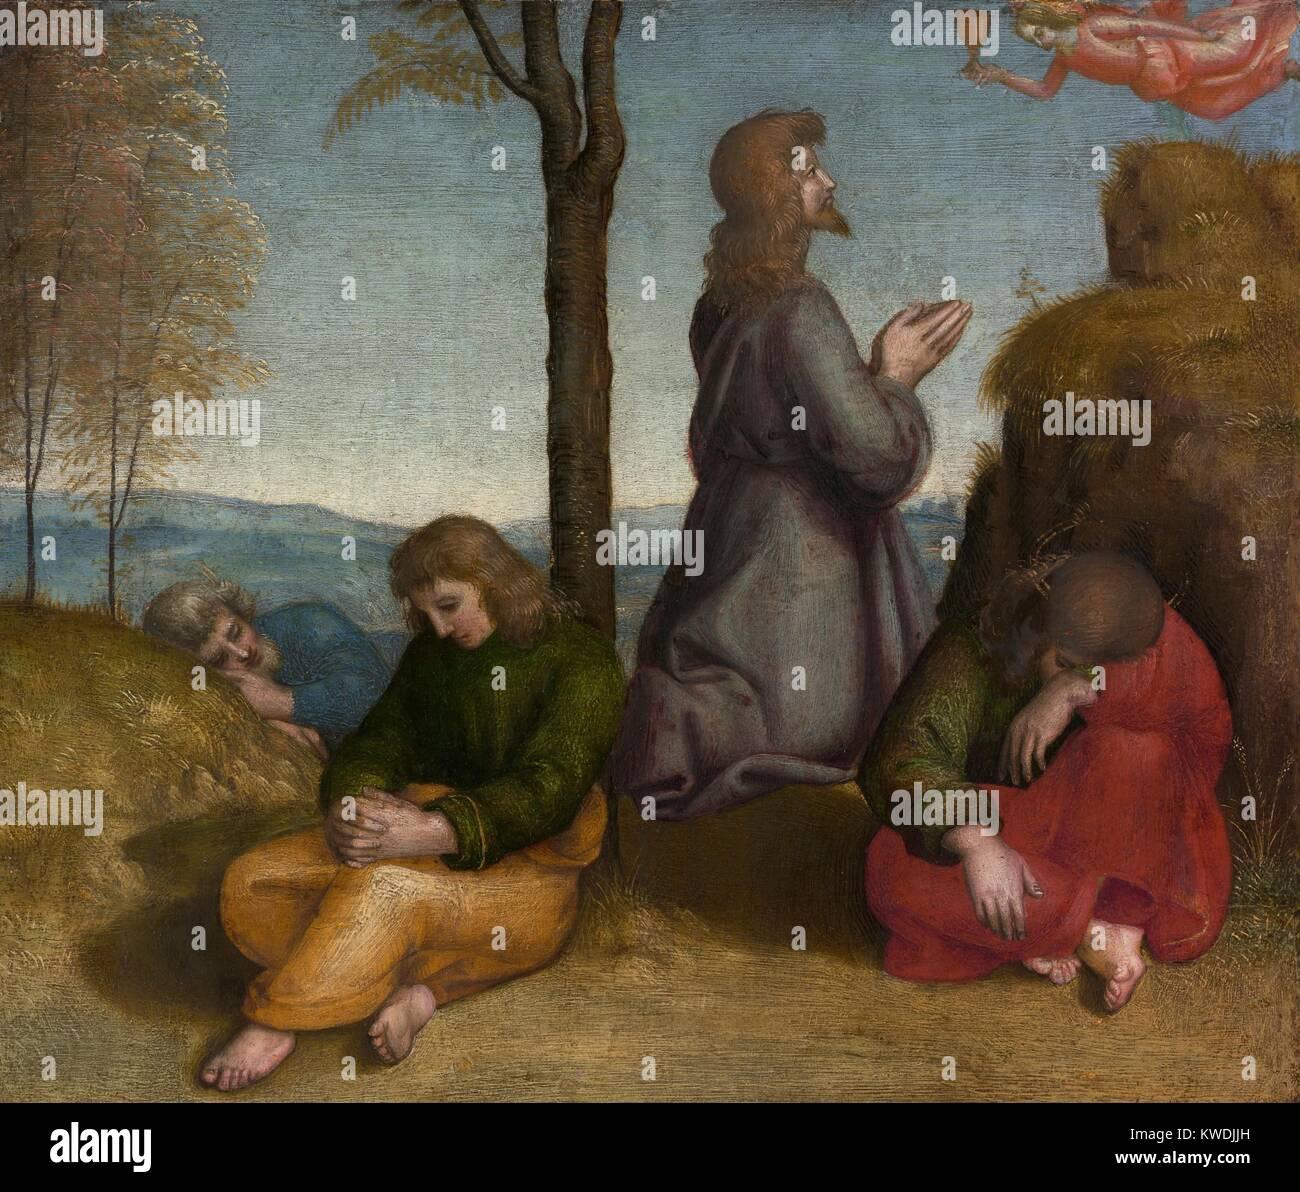 La Agonía en el huerto, por Rafael, 1505-20, la pintura del Renacimiento Italiano, oleo sobre madera. Cristo Imagen De Stock